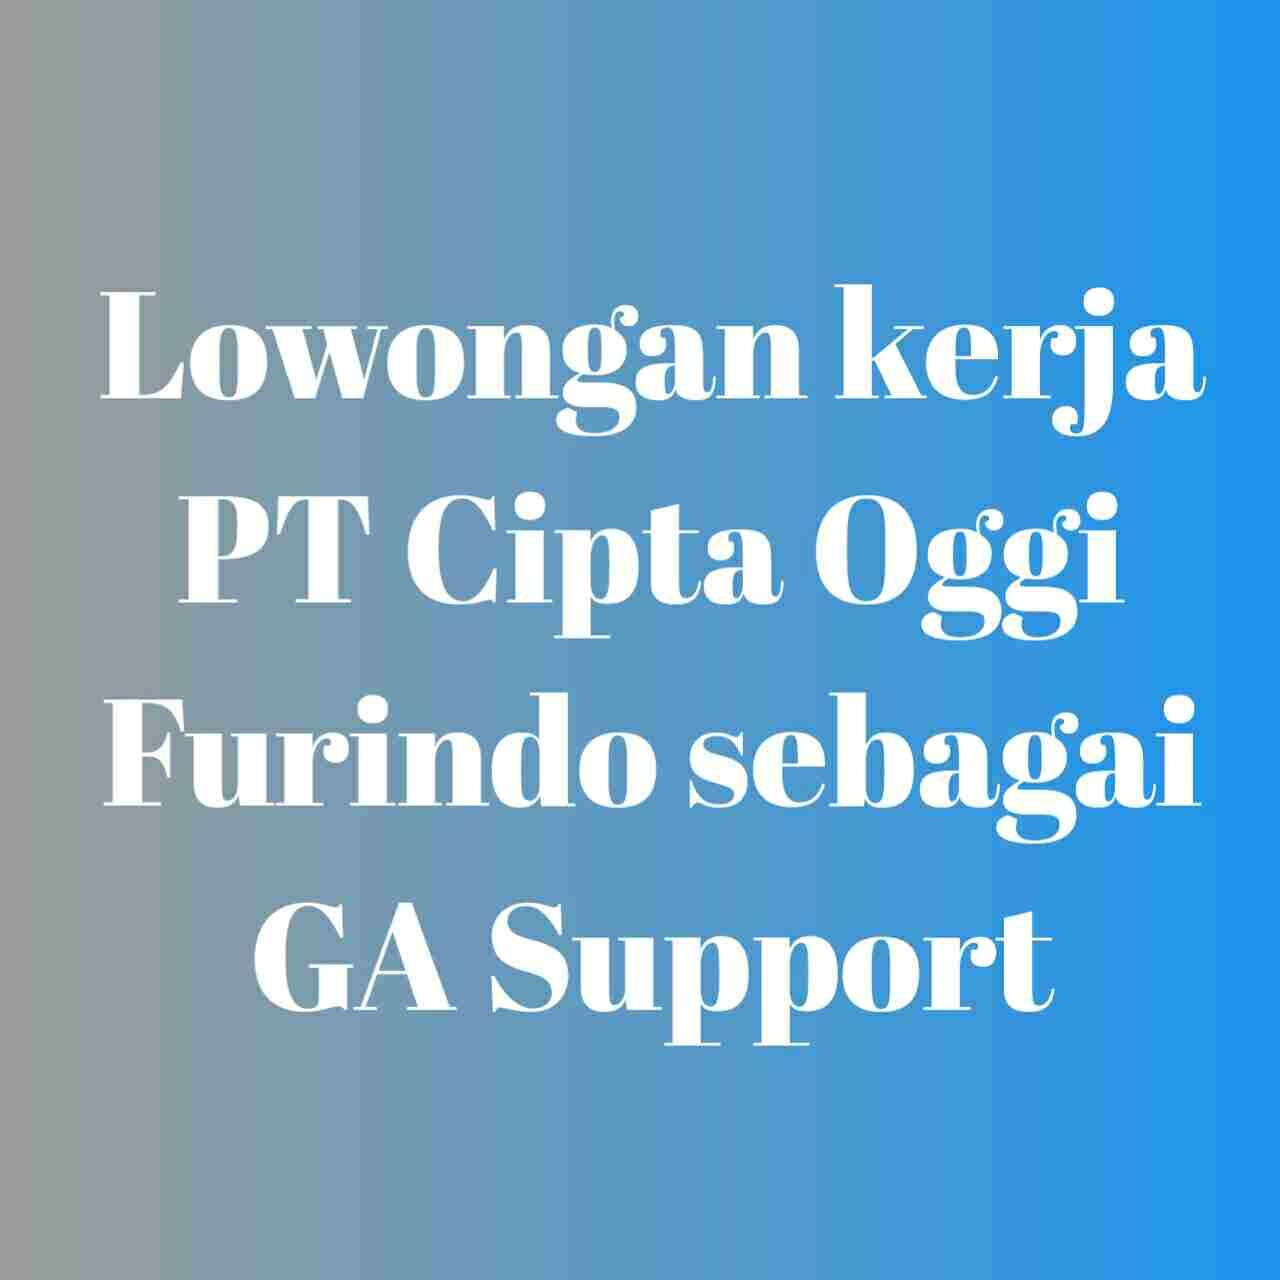 Lowongan kerja  PT Cipta Oggi Furindo sebagai GA Support